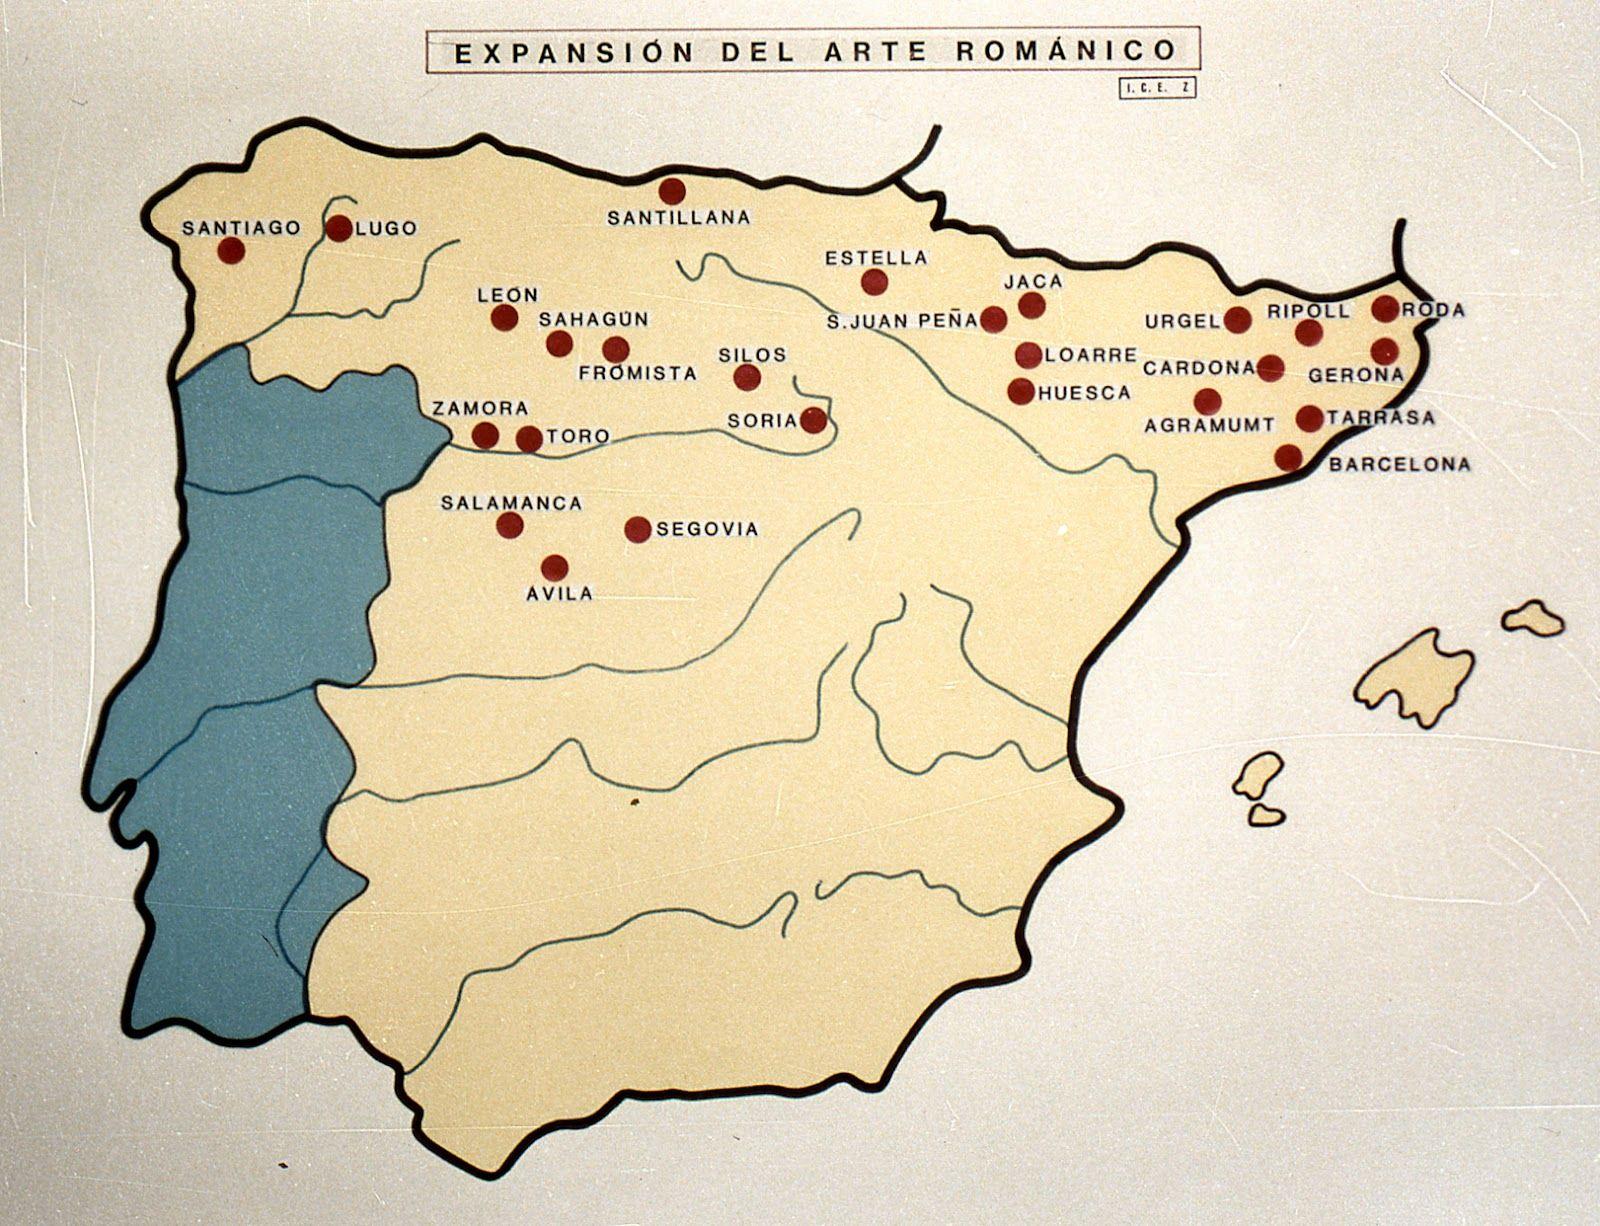 Mapa Arte Romanico En Espana